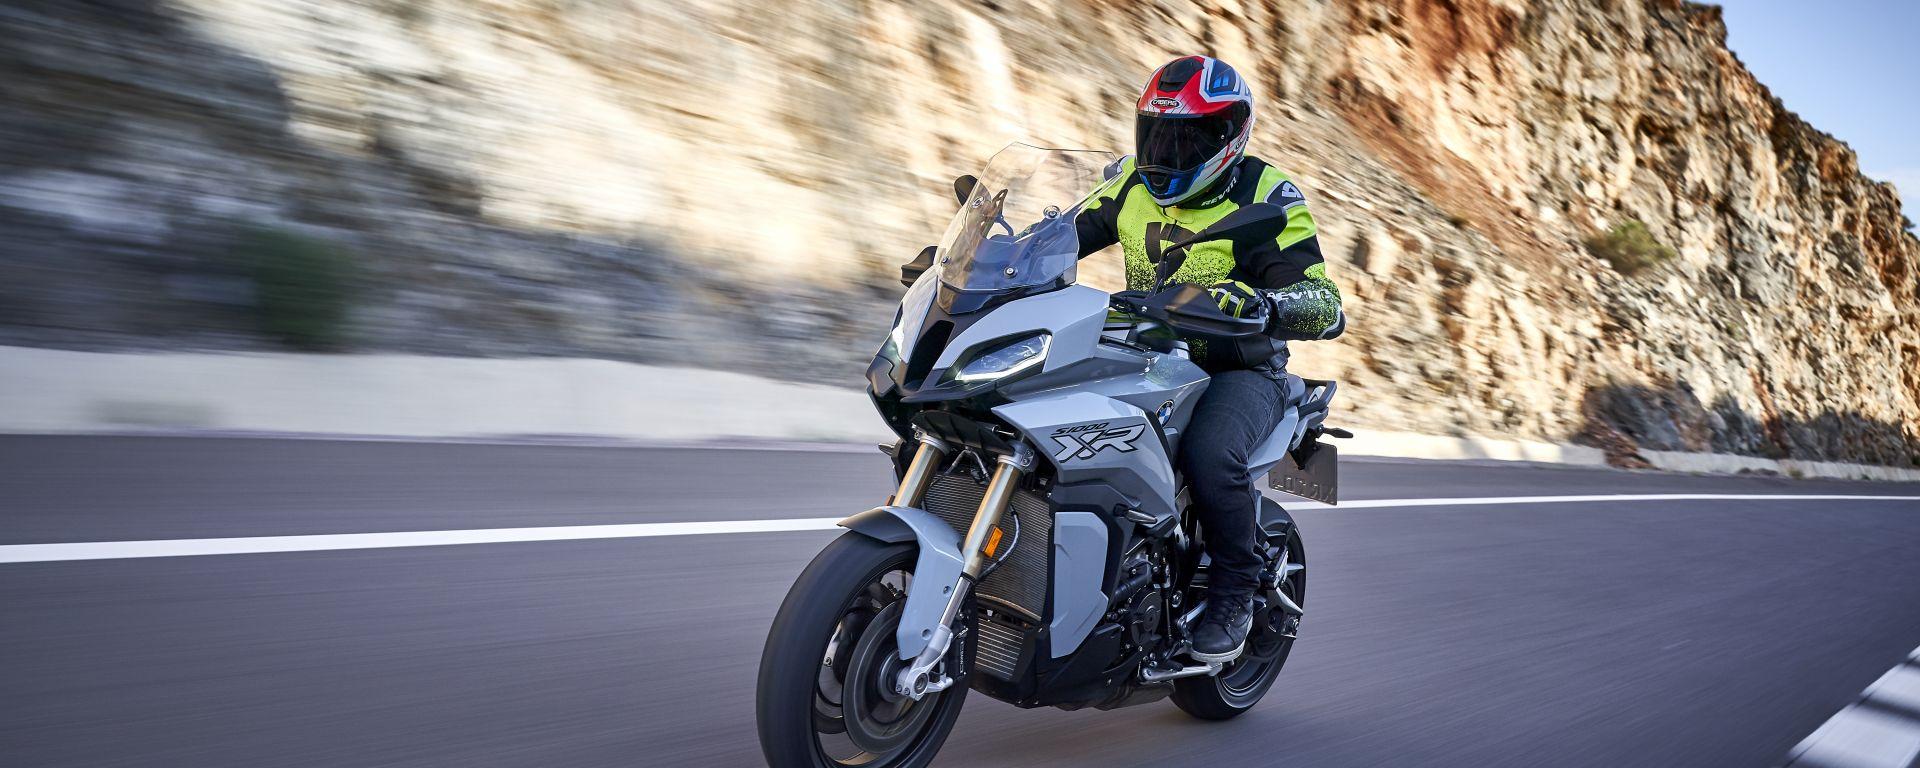 Prova su strada: in sella alla nuova BMW S 1000 XR 2020